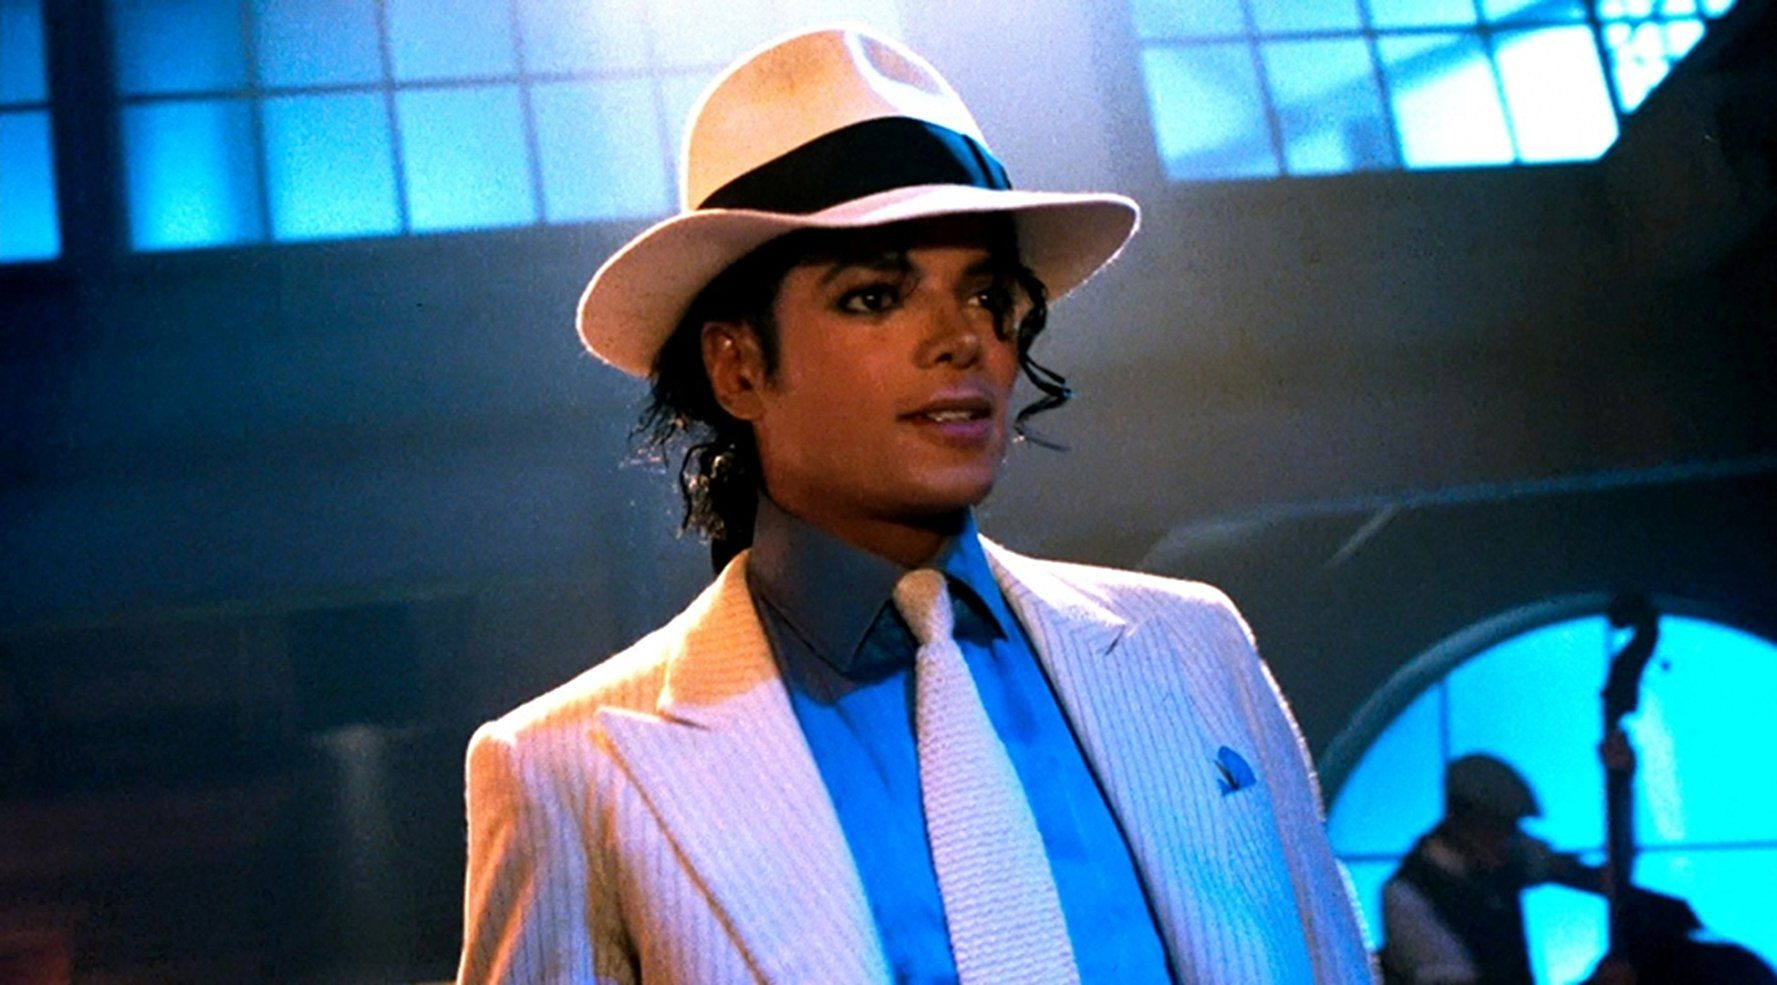 Ciemnoskóry mężczyzna z czarnymi lokami w białym kapeluszu, białym krawacie, niebieskiej koszuli i białej marynarce.